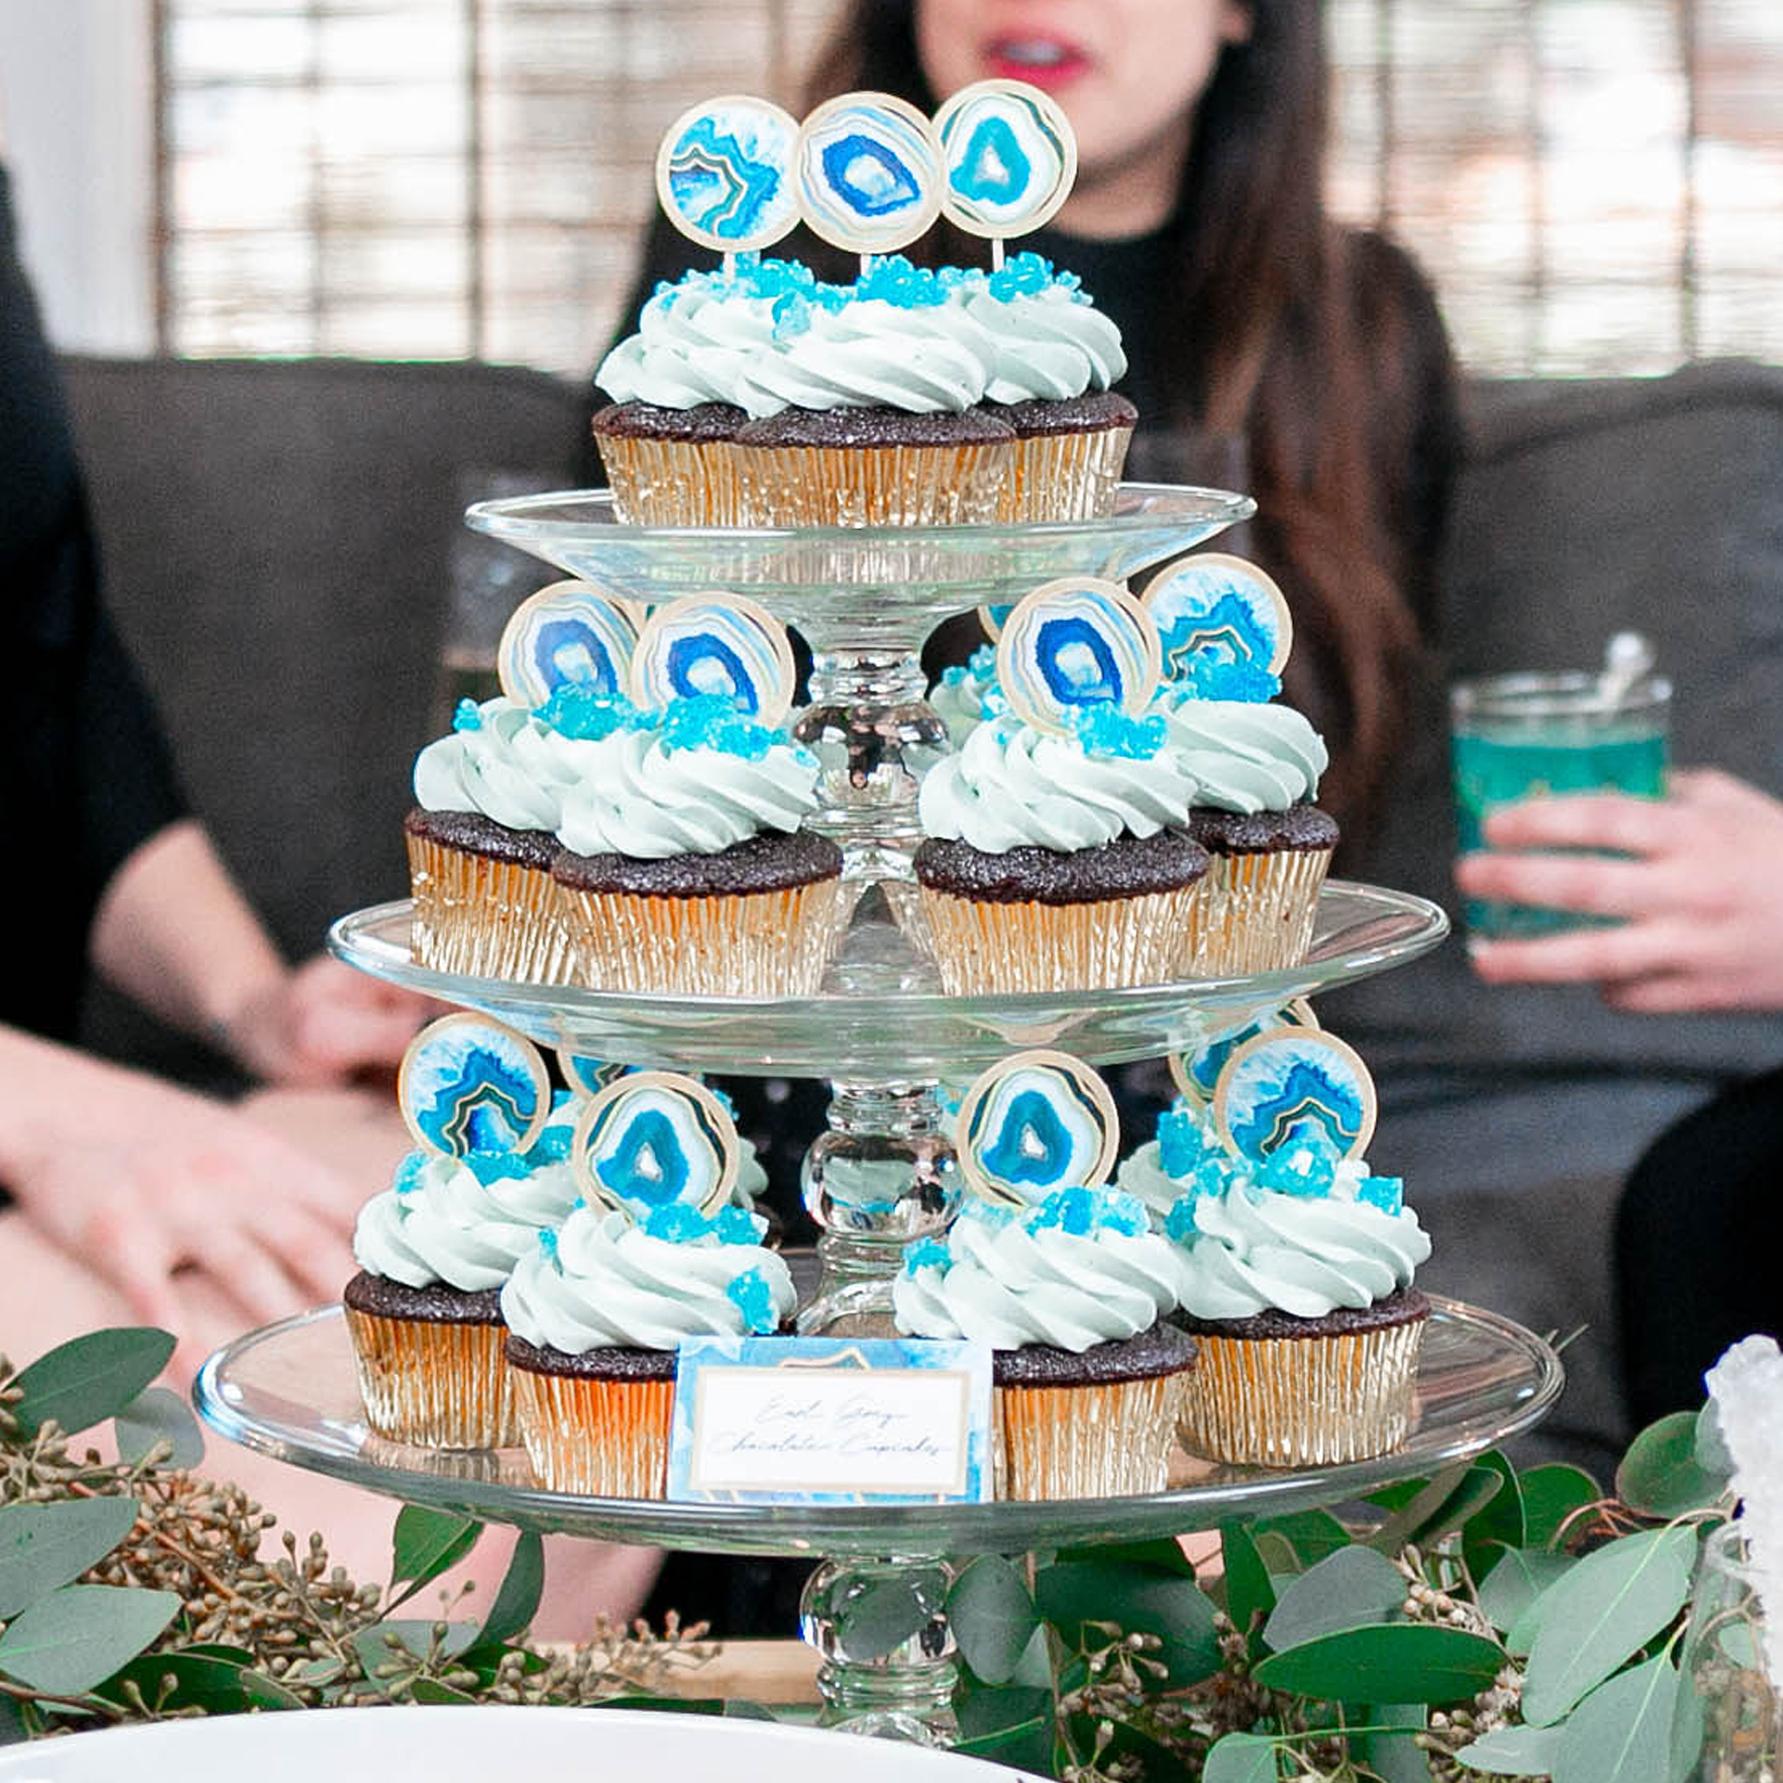 Cupcake_image1.jpg